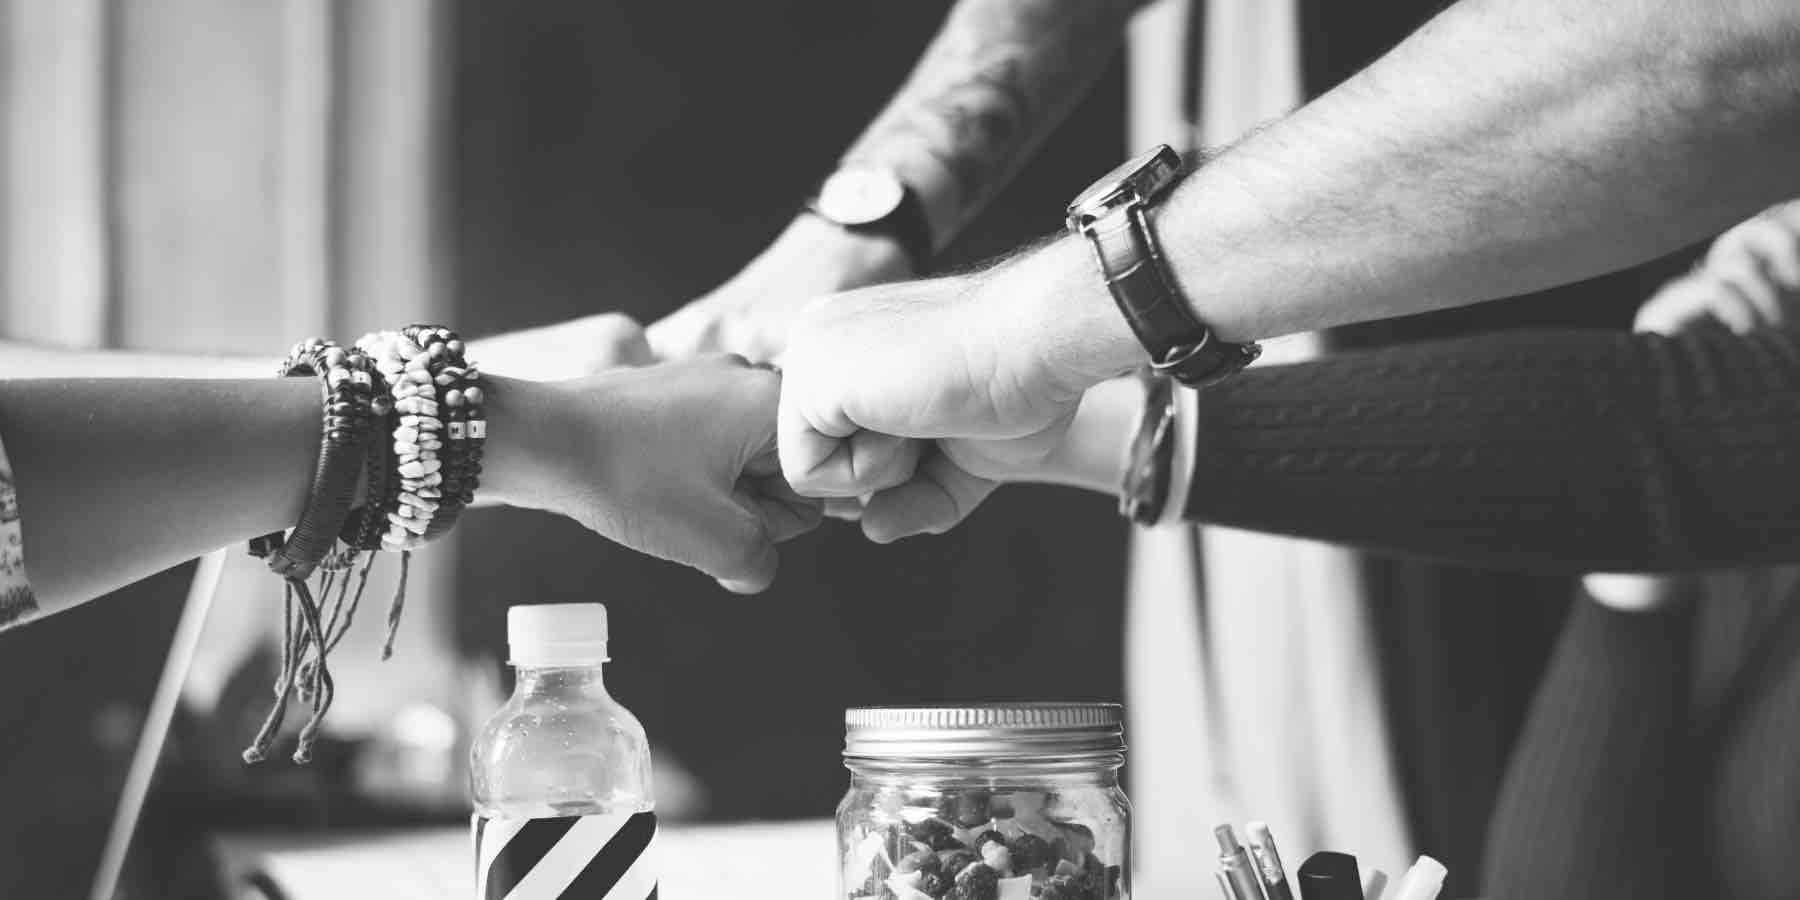 Teamarbeit, Teamaufbau. Arbeite in einem Team